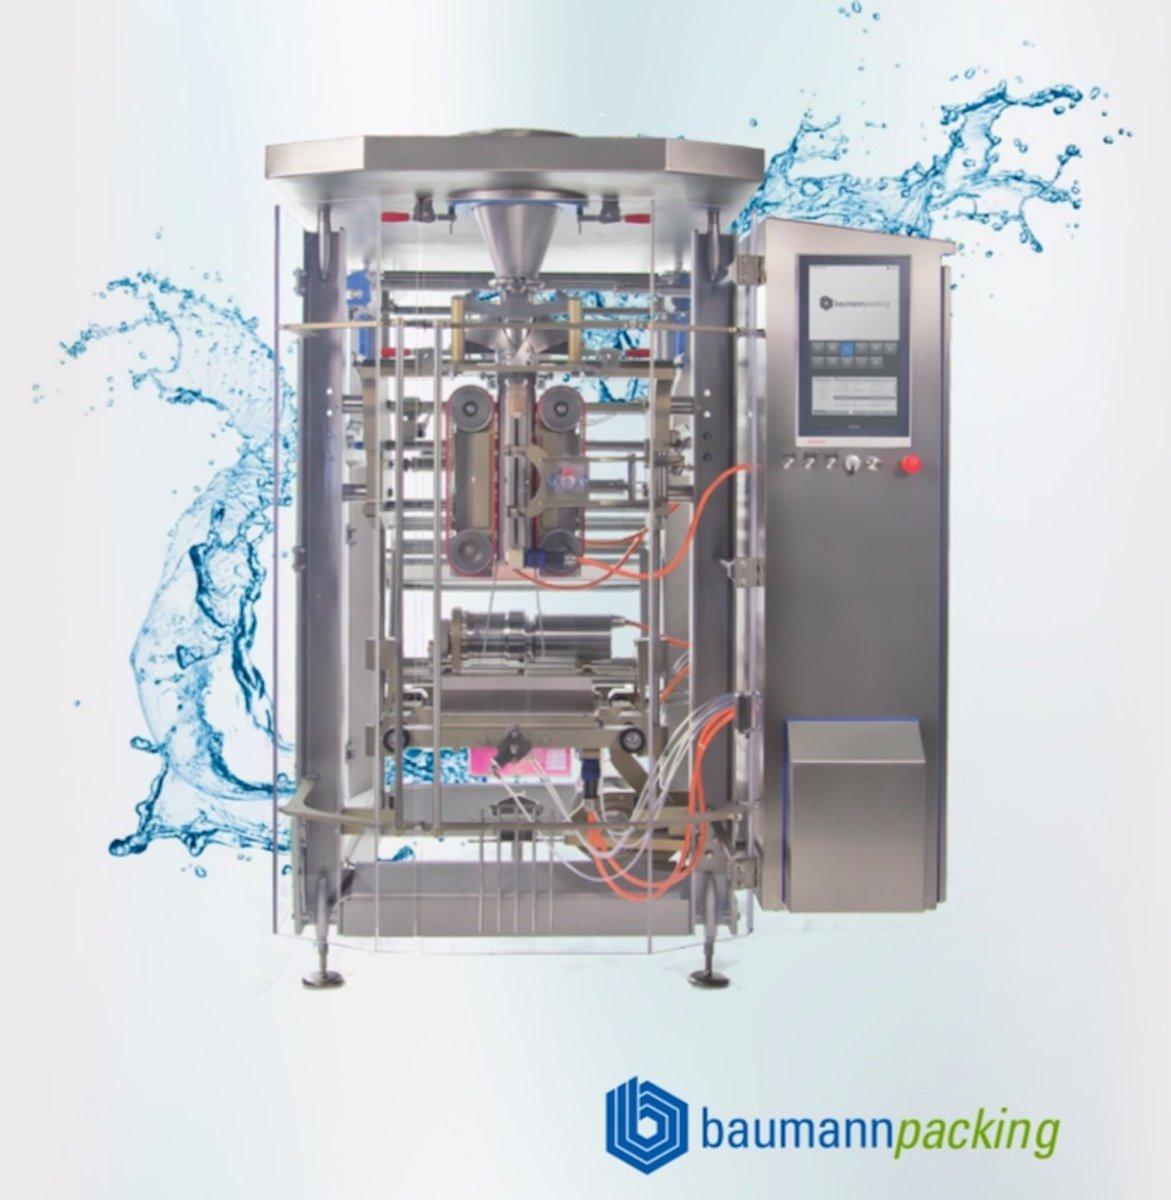 © Baumann Maschinenbau Solms GmbH & Co. KG